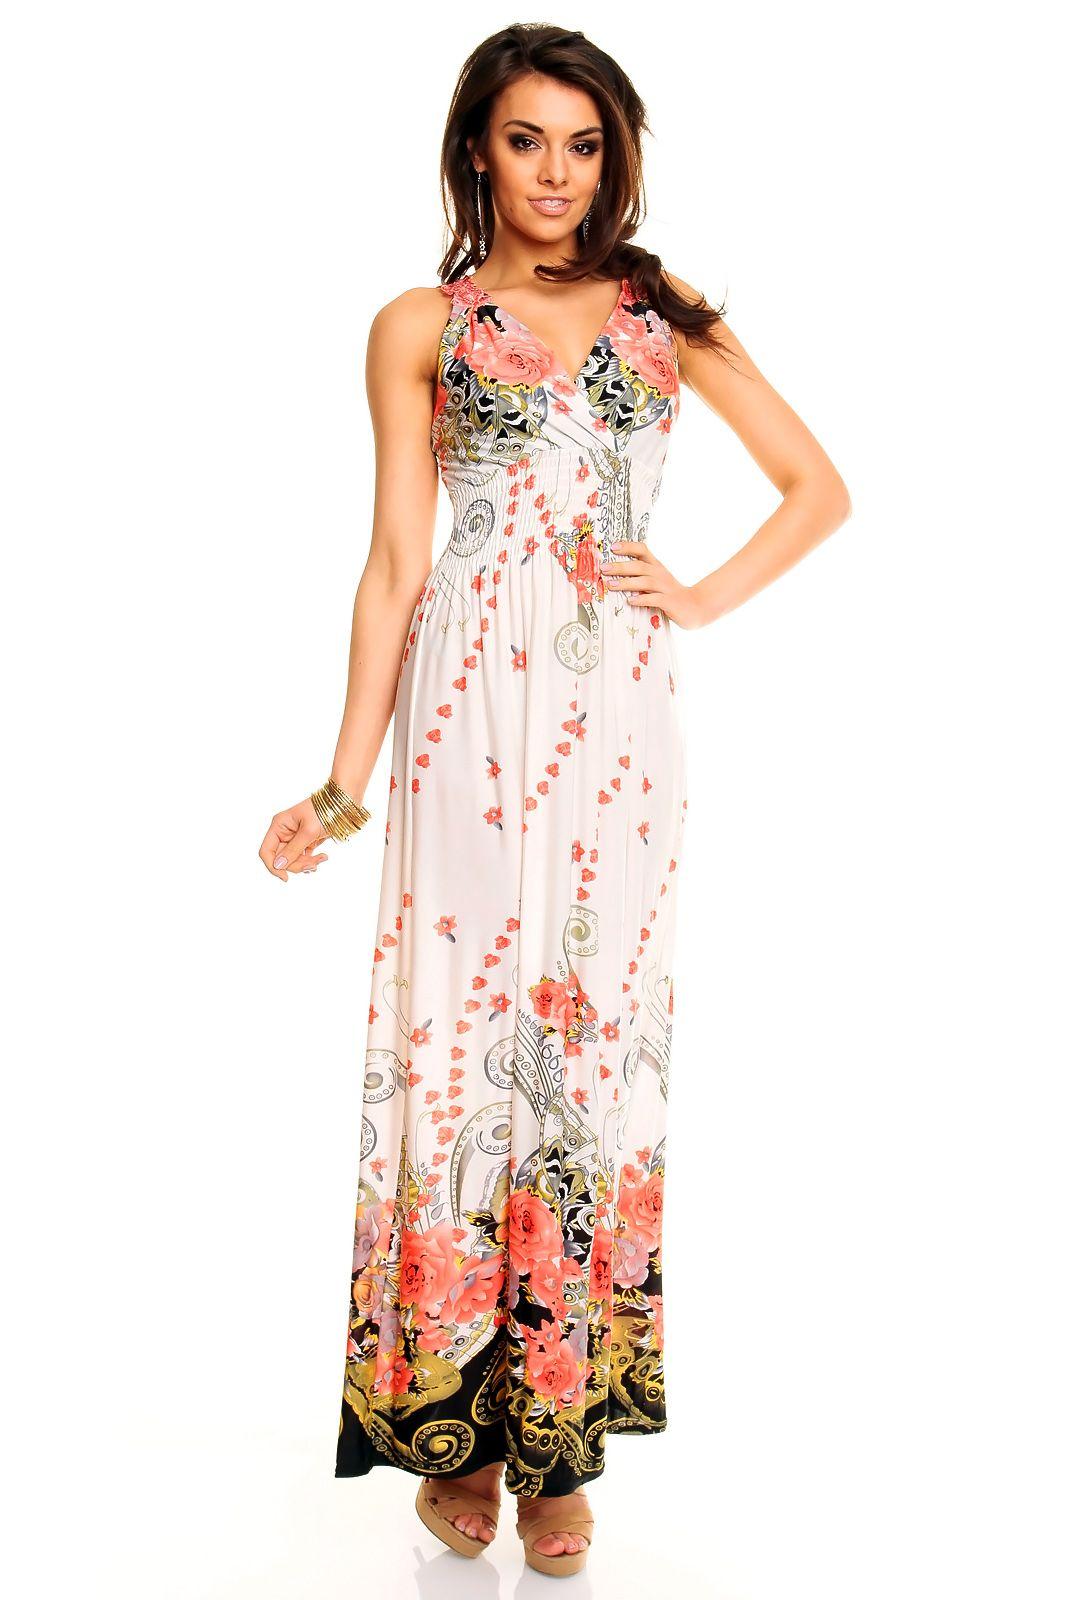 b18289f06413 Kjole m mønster - Lang lækker sommerkjole m flot blomster motiv. Flot  udsmykning af blonder på ryggen. Materiale  95% polyester. 5% spandex  Modellen er ca.